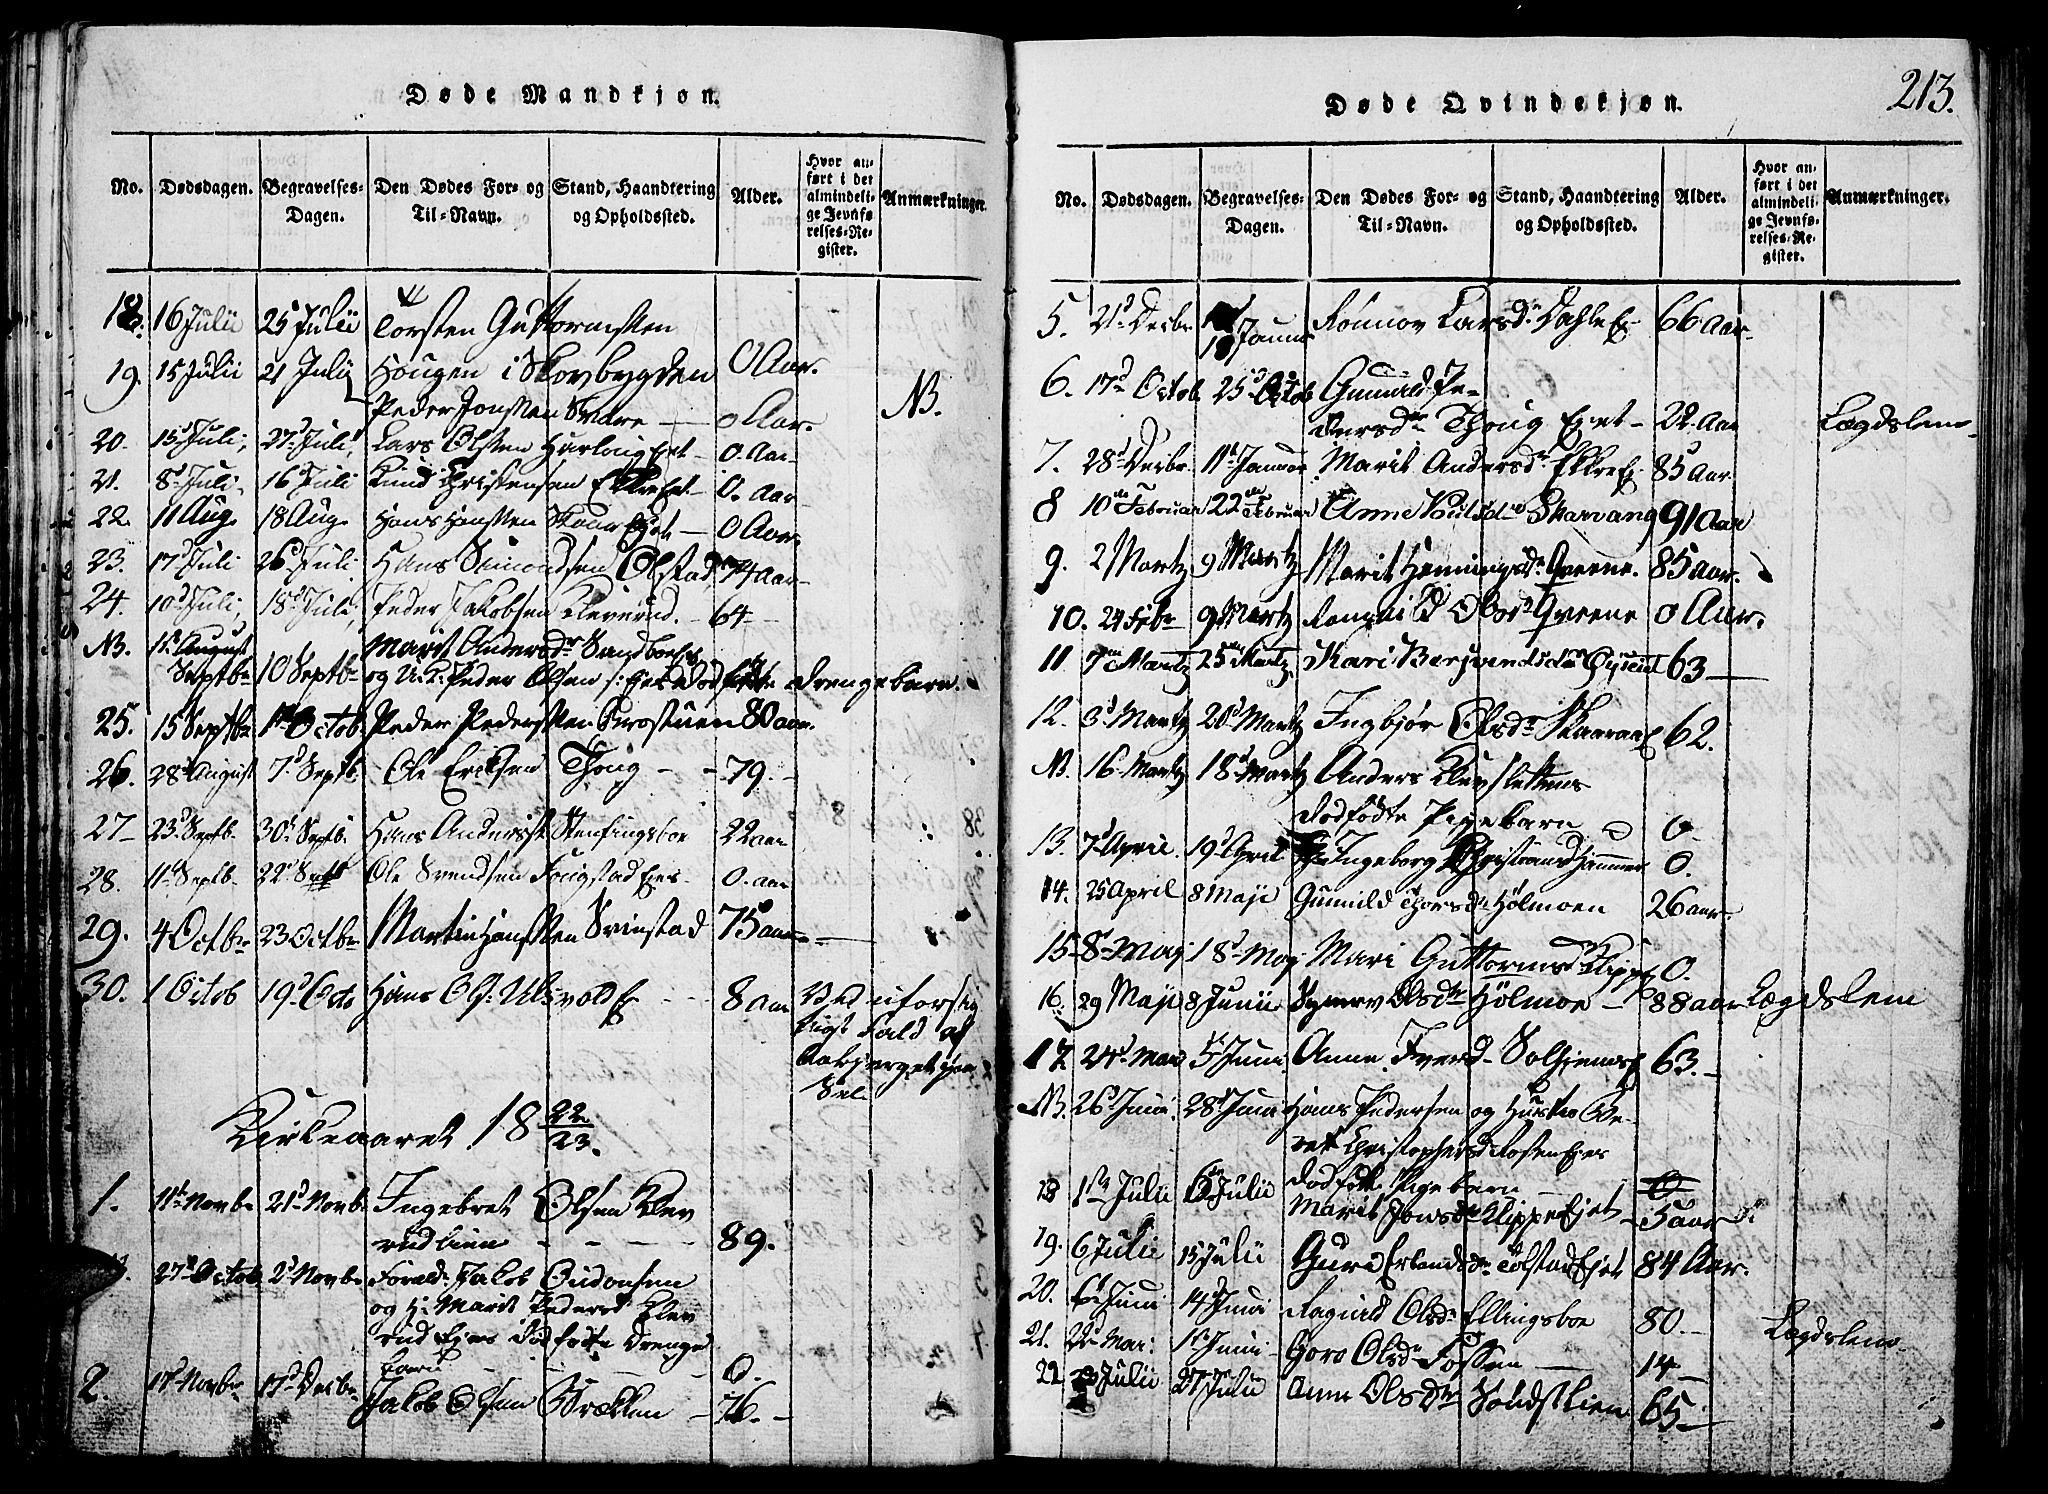 SAH, Vågå prestekontor, Klokkerbok nr. 1, 1815-1827, s. 212-213